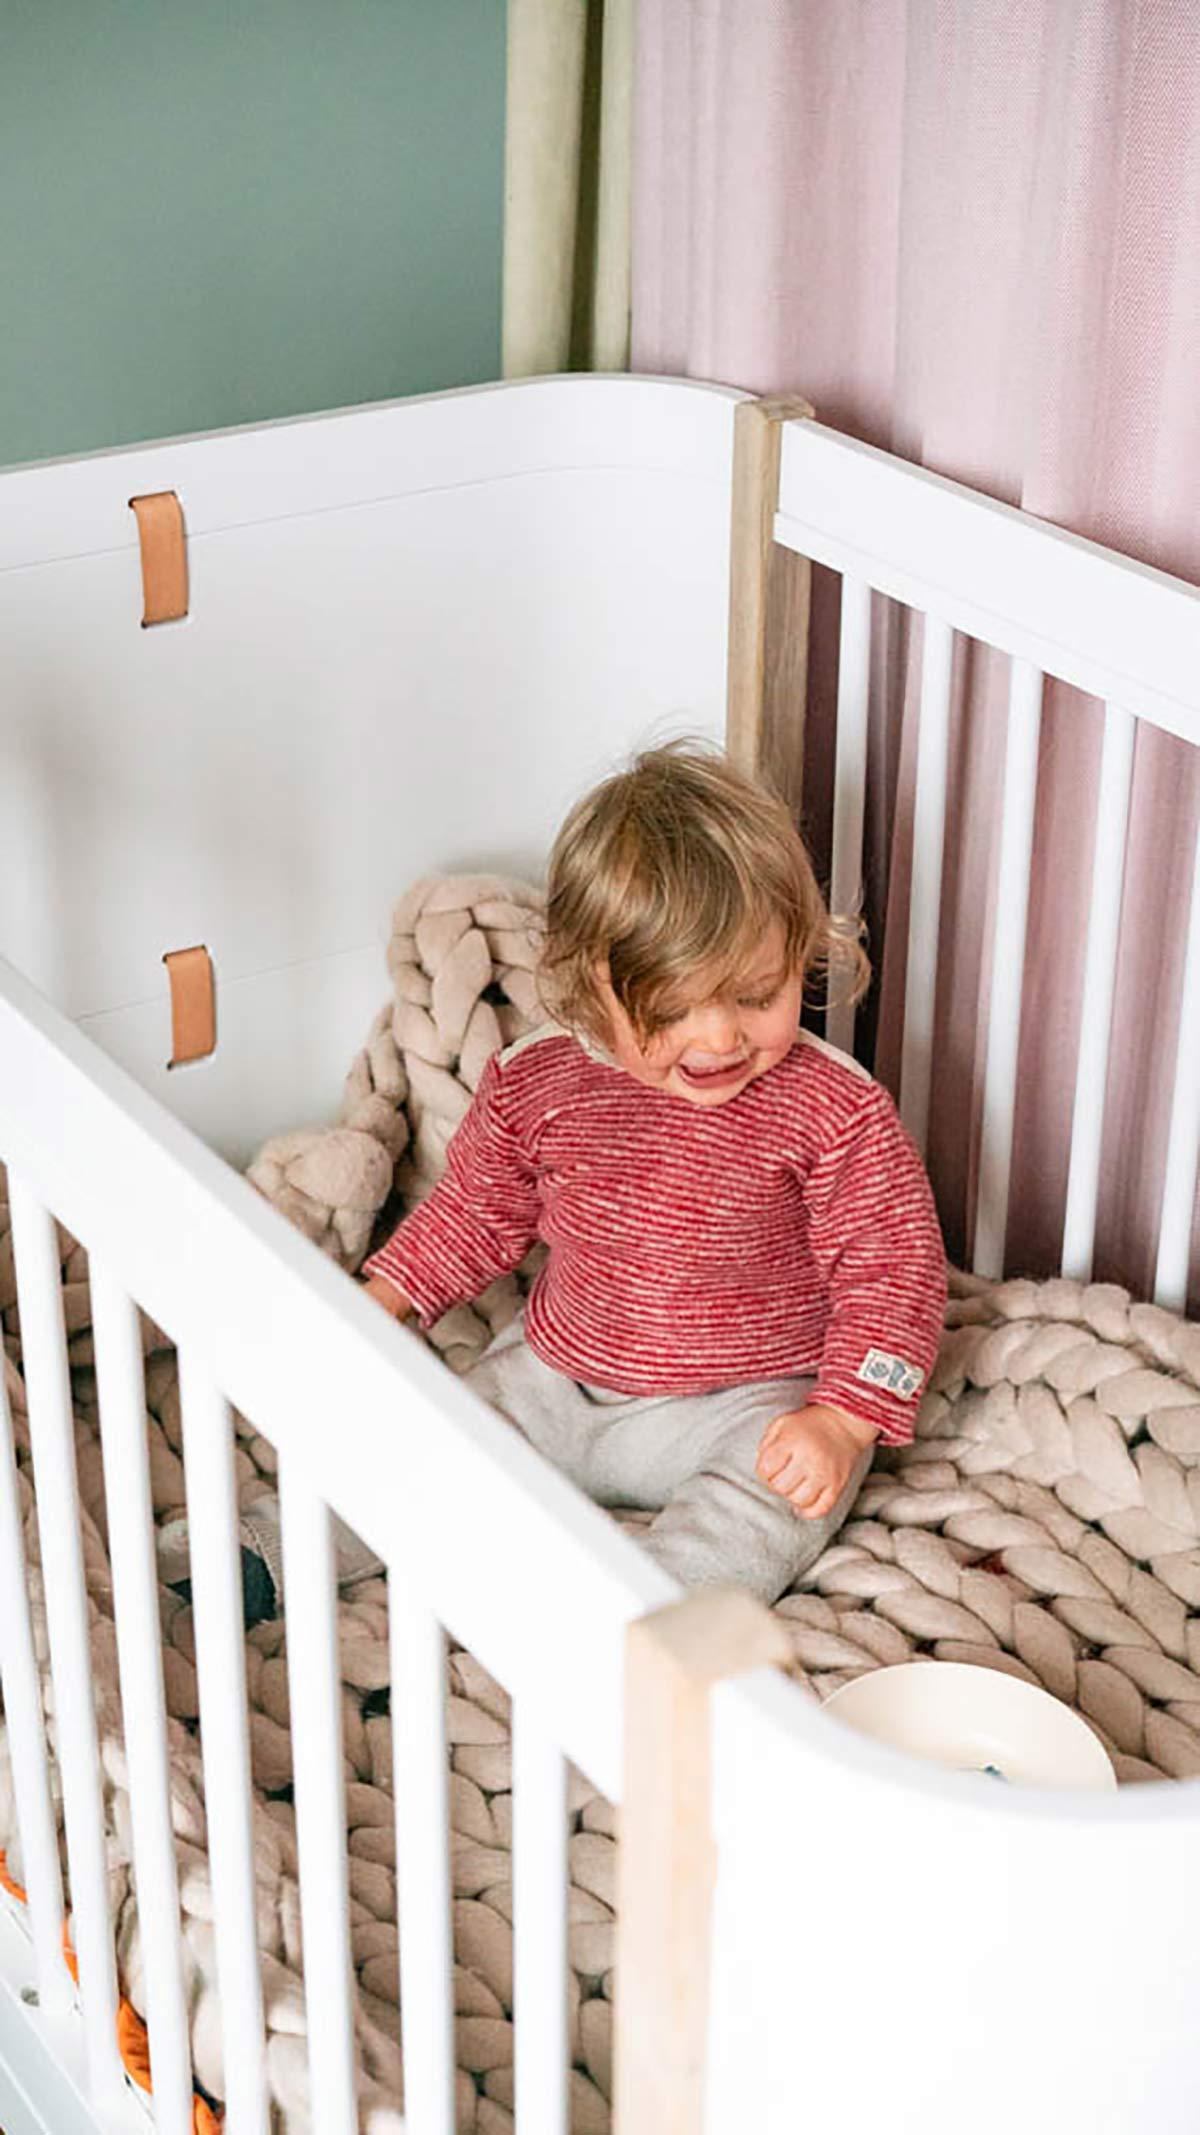 Kinderbett minimalistisch Oliver Furniture